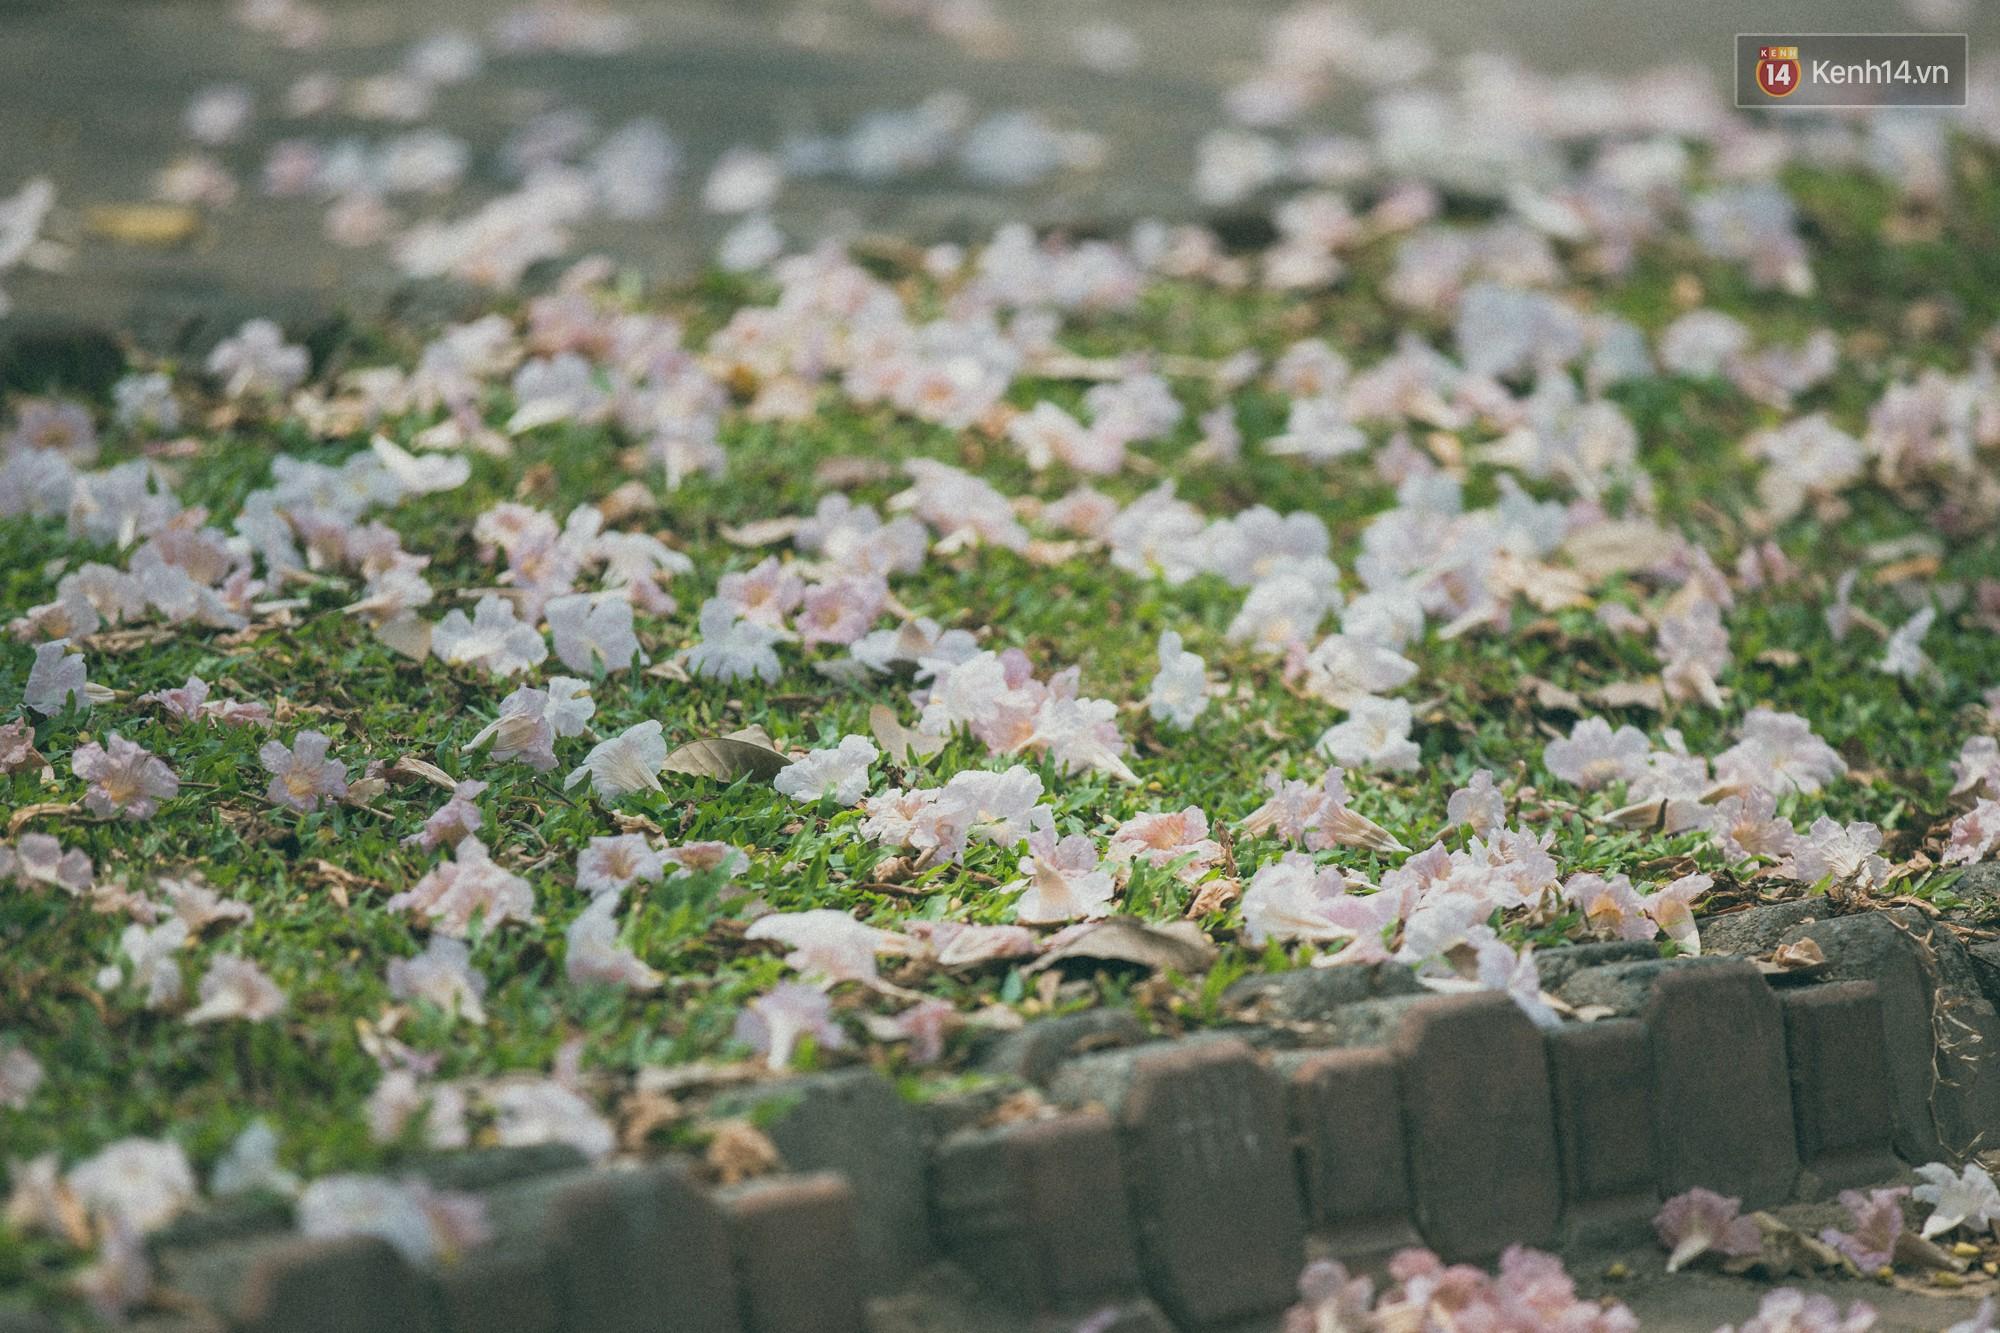 Sài Gòn mùa hoa kèn hồng: dịu dàng và dễ thương đến lạ! - Ảnh 9.